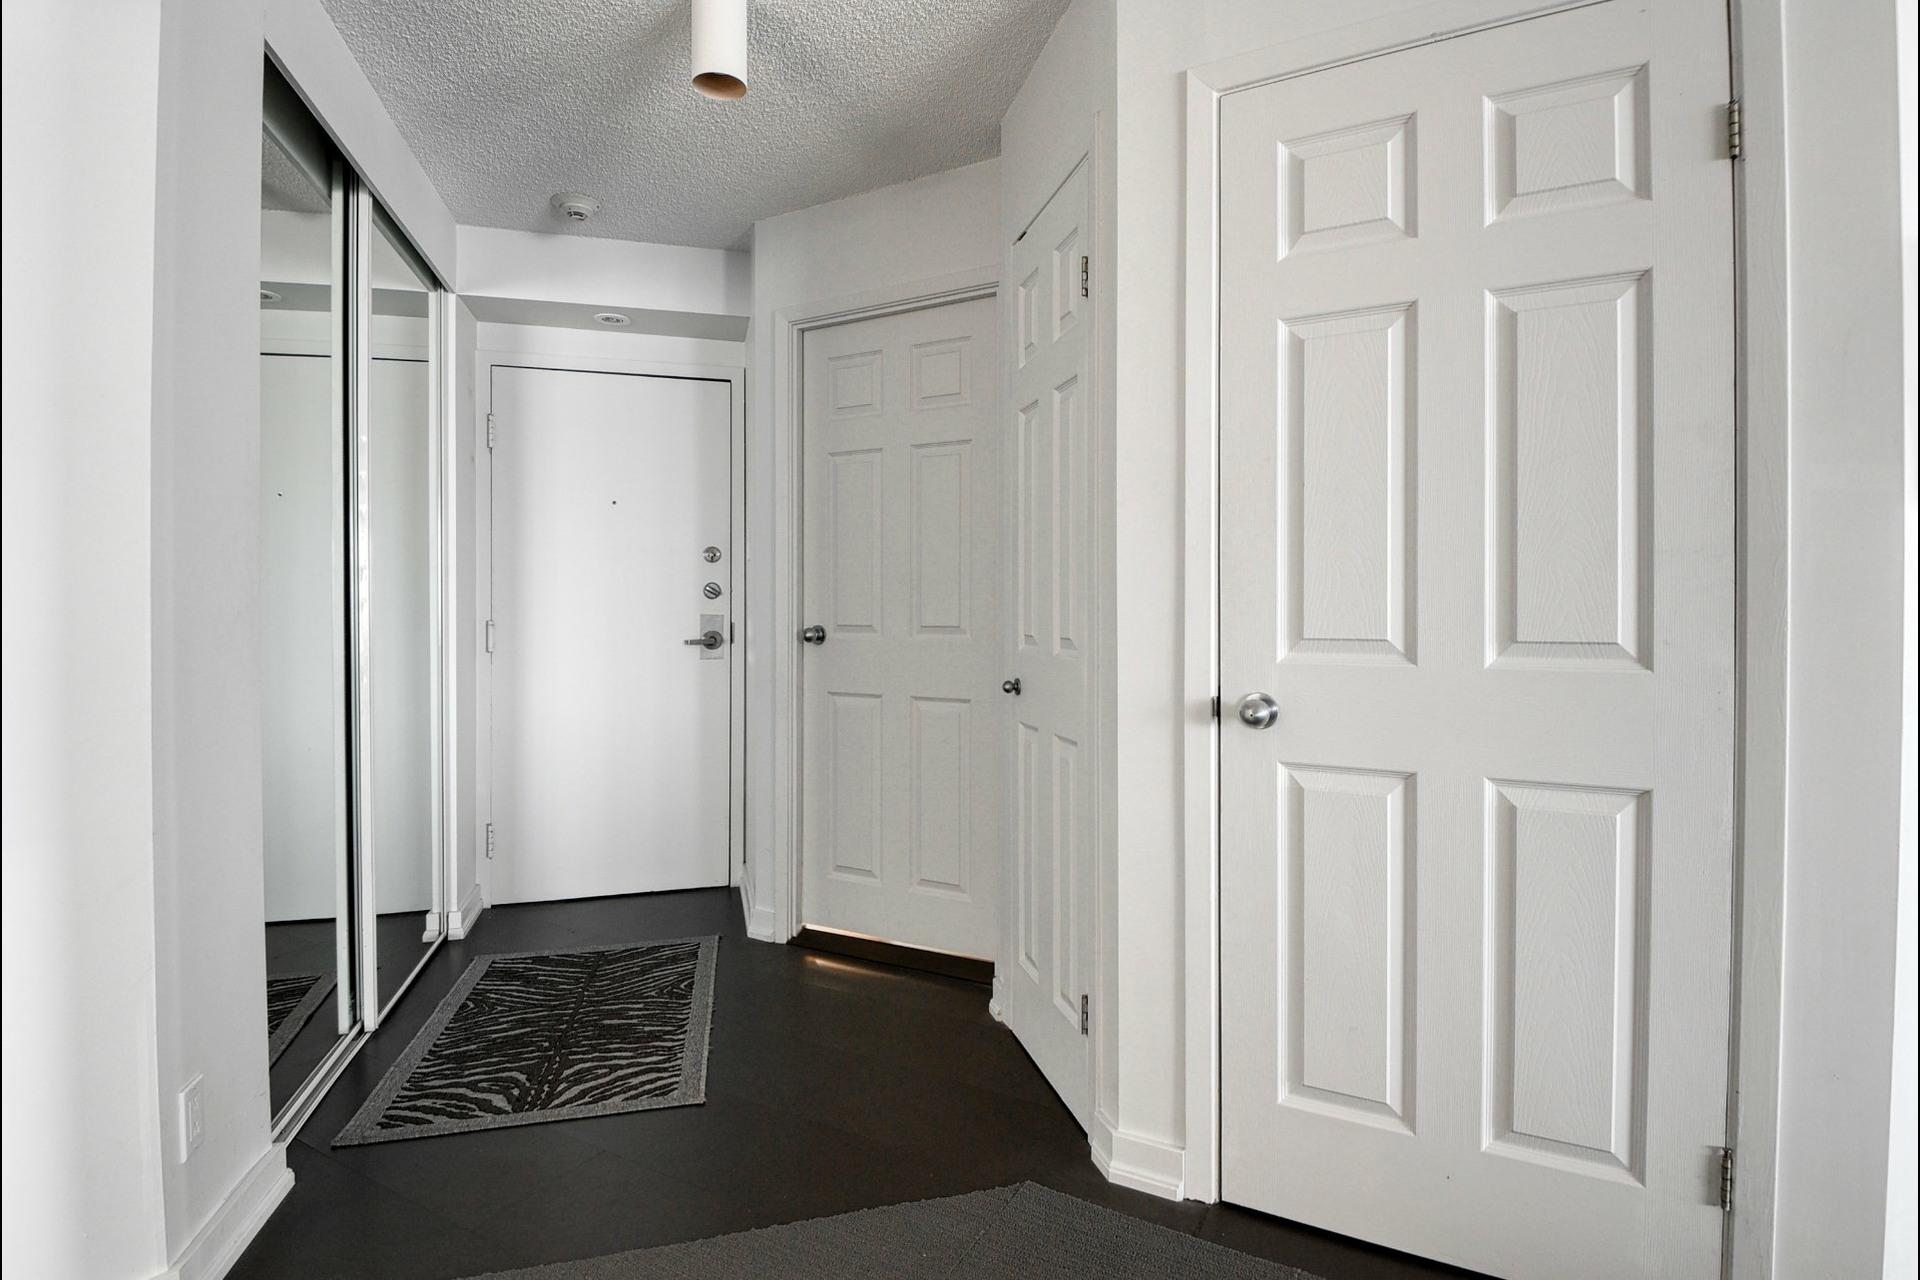 image 2 - Appartement À vendre Verdun/Île-des-Soeurs Montréal  - 4 pièces